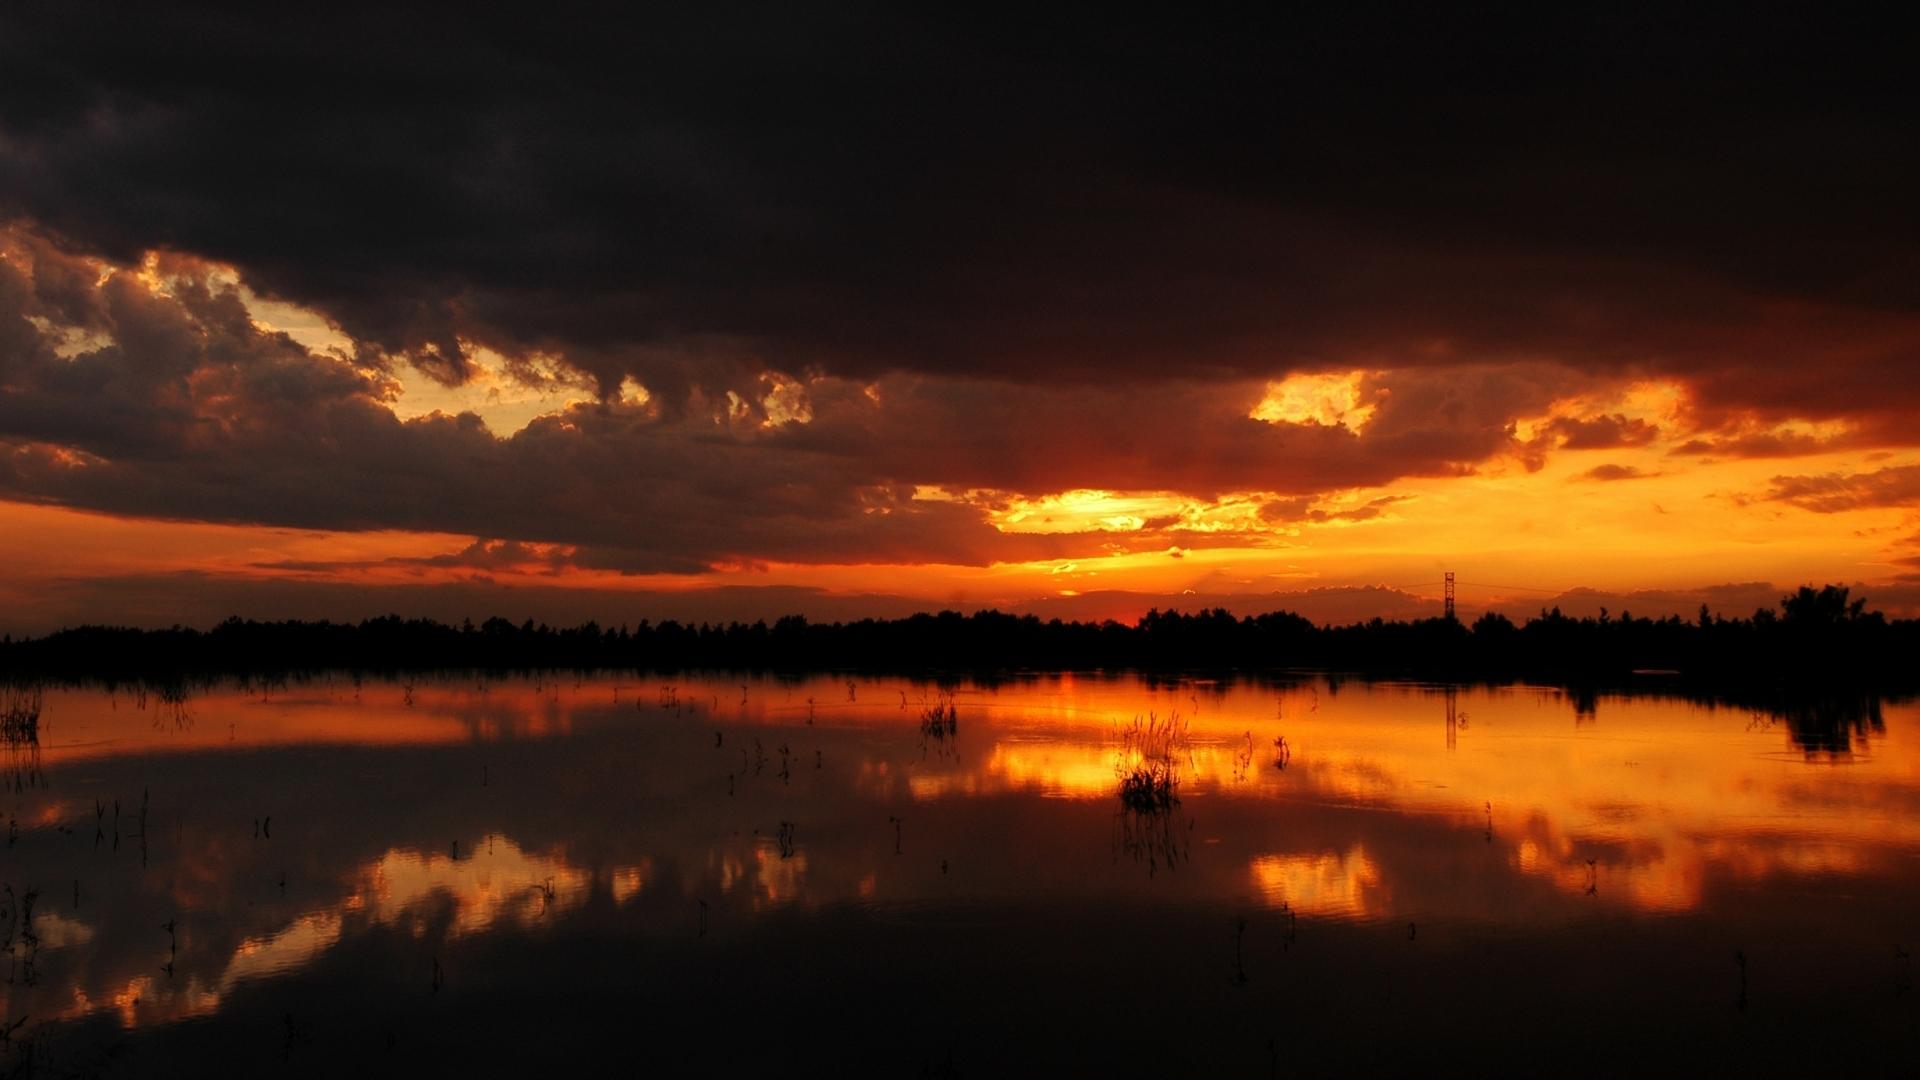 http://cdn.oboi7.com/37b39b6f0a06d33c57d74408a716c9b284b87b8e/zakat-oblaka-pejzazhi.jpg